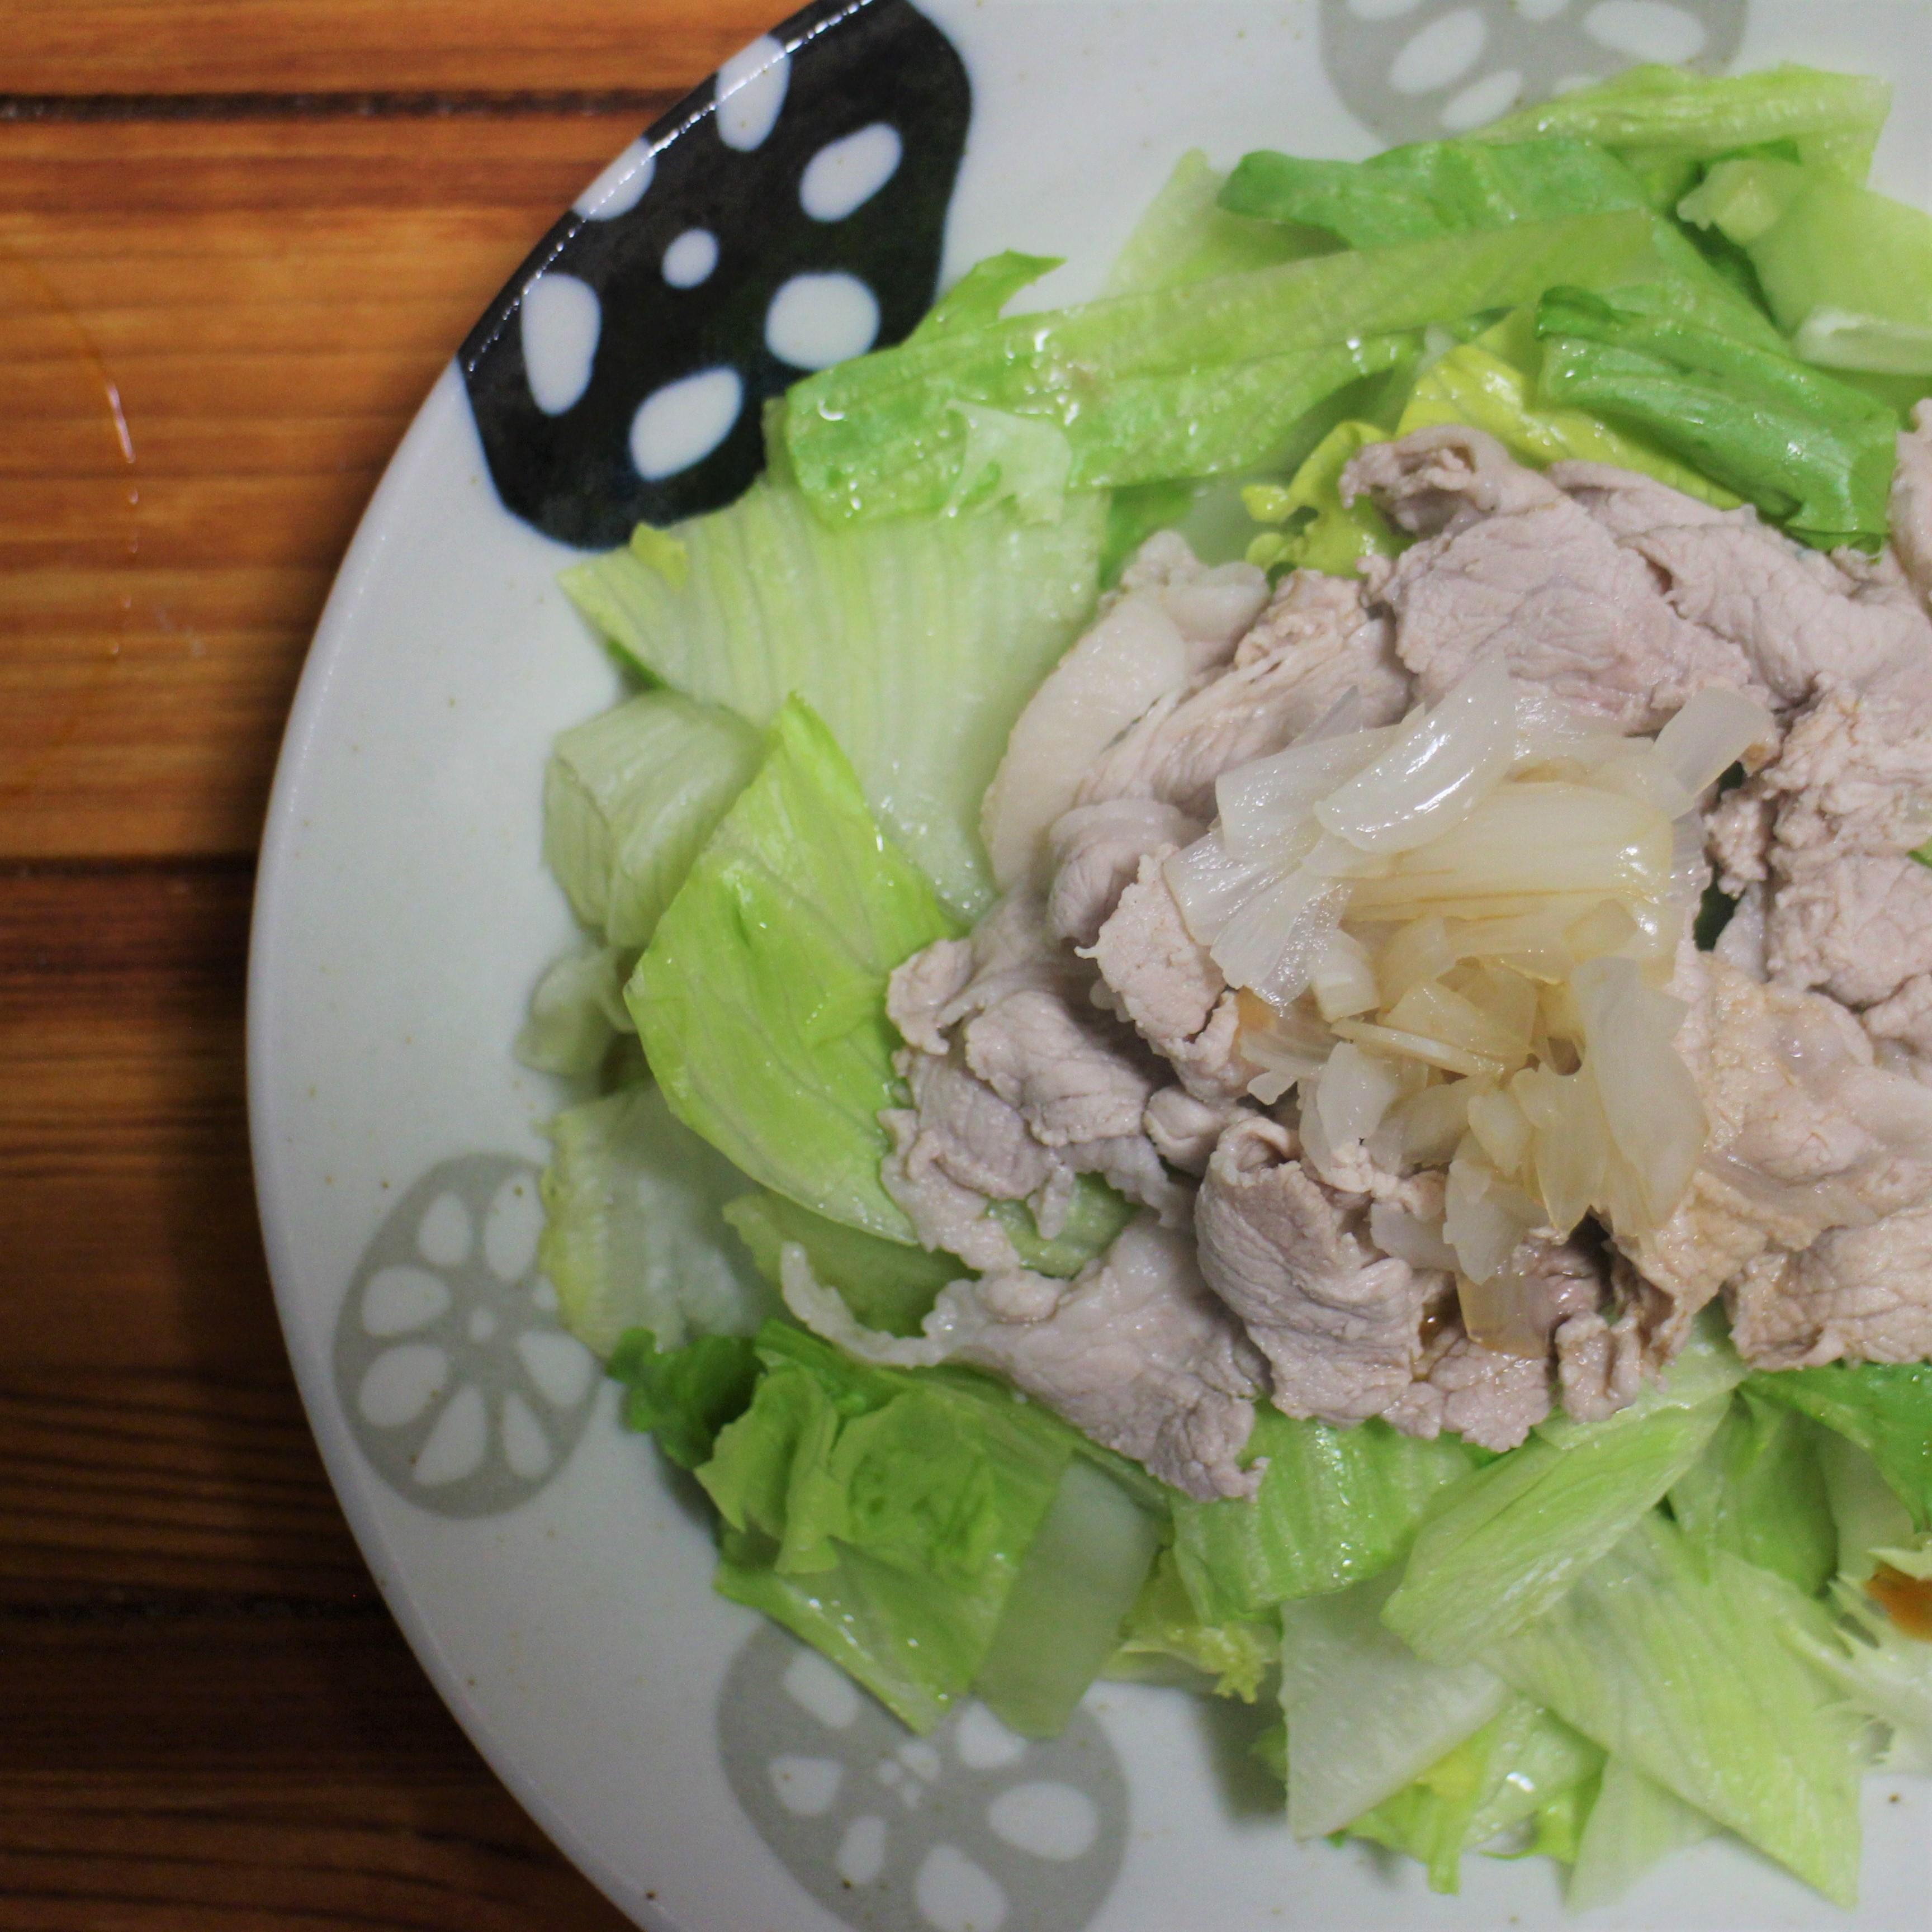 アレンジレシピ①「らっきょうの豚しゃぶサラダ」